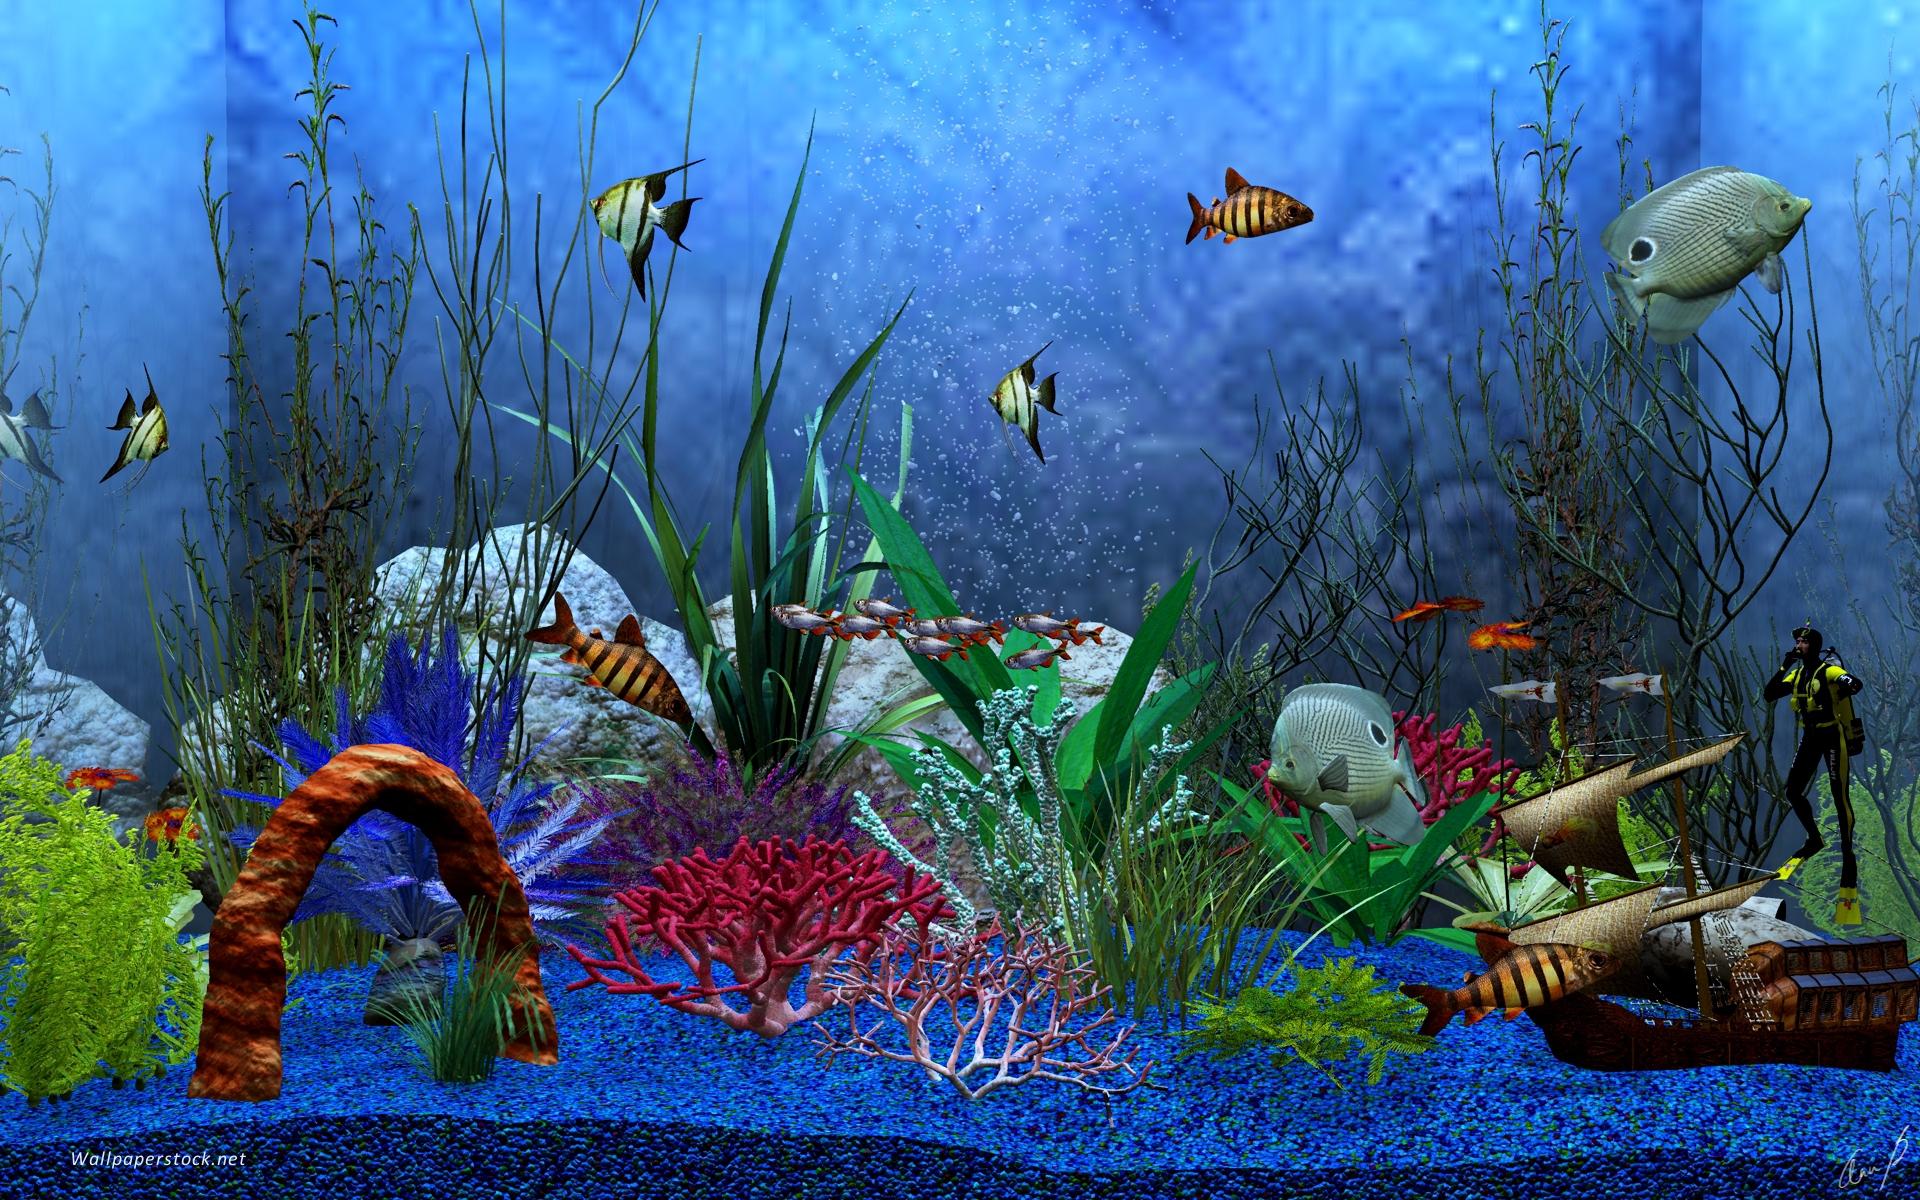 Aquarium View wallpapers Aquarium View stock photos 1920x1200